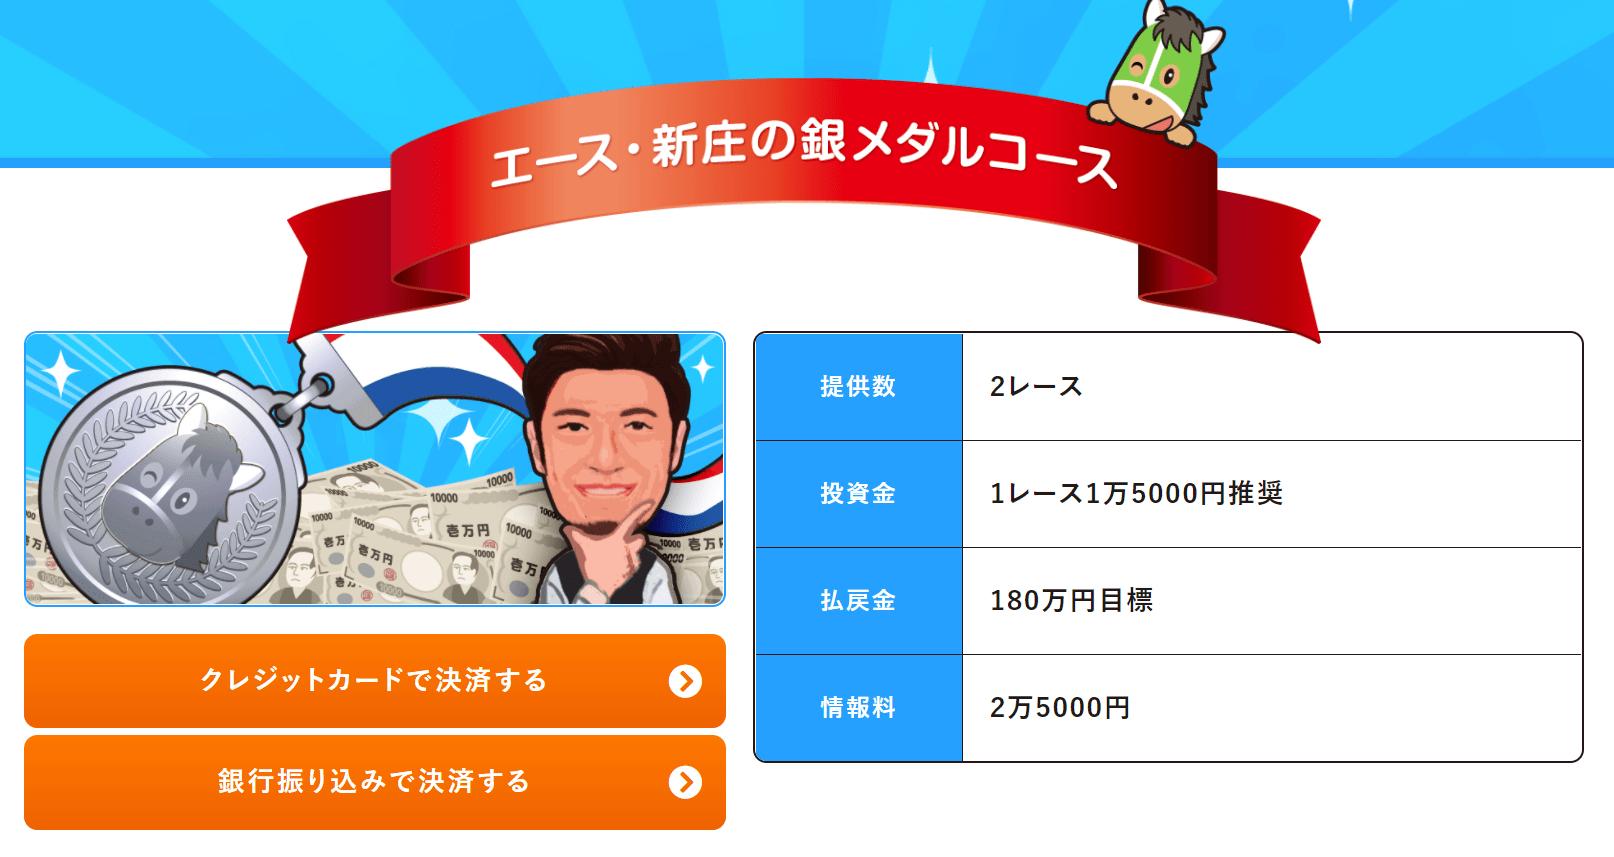 ウマリンピック_有料情報_エース・新庄の銀メダルコース